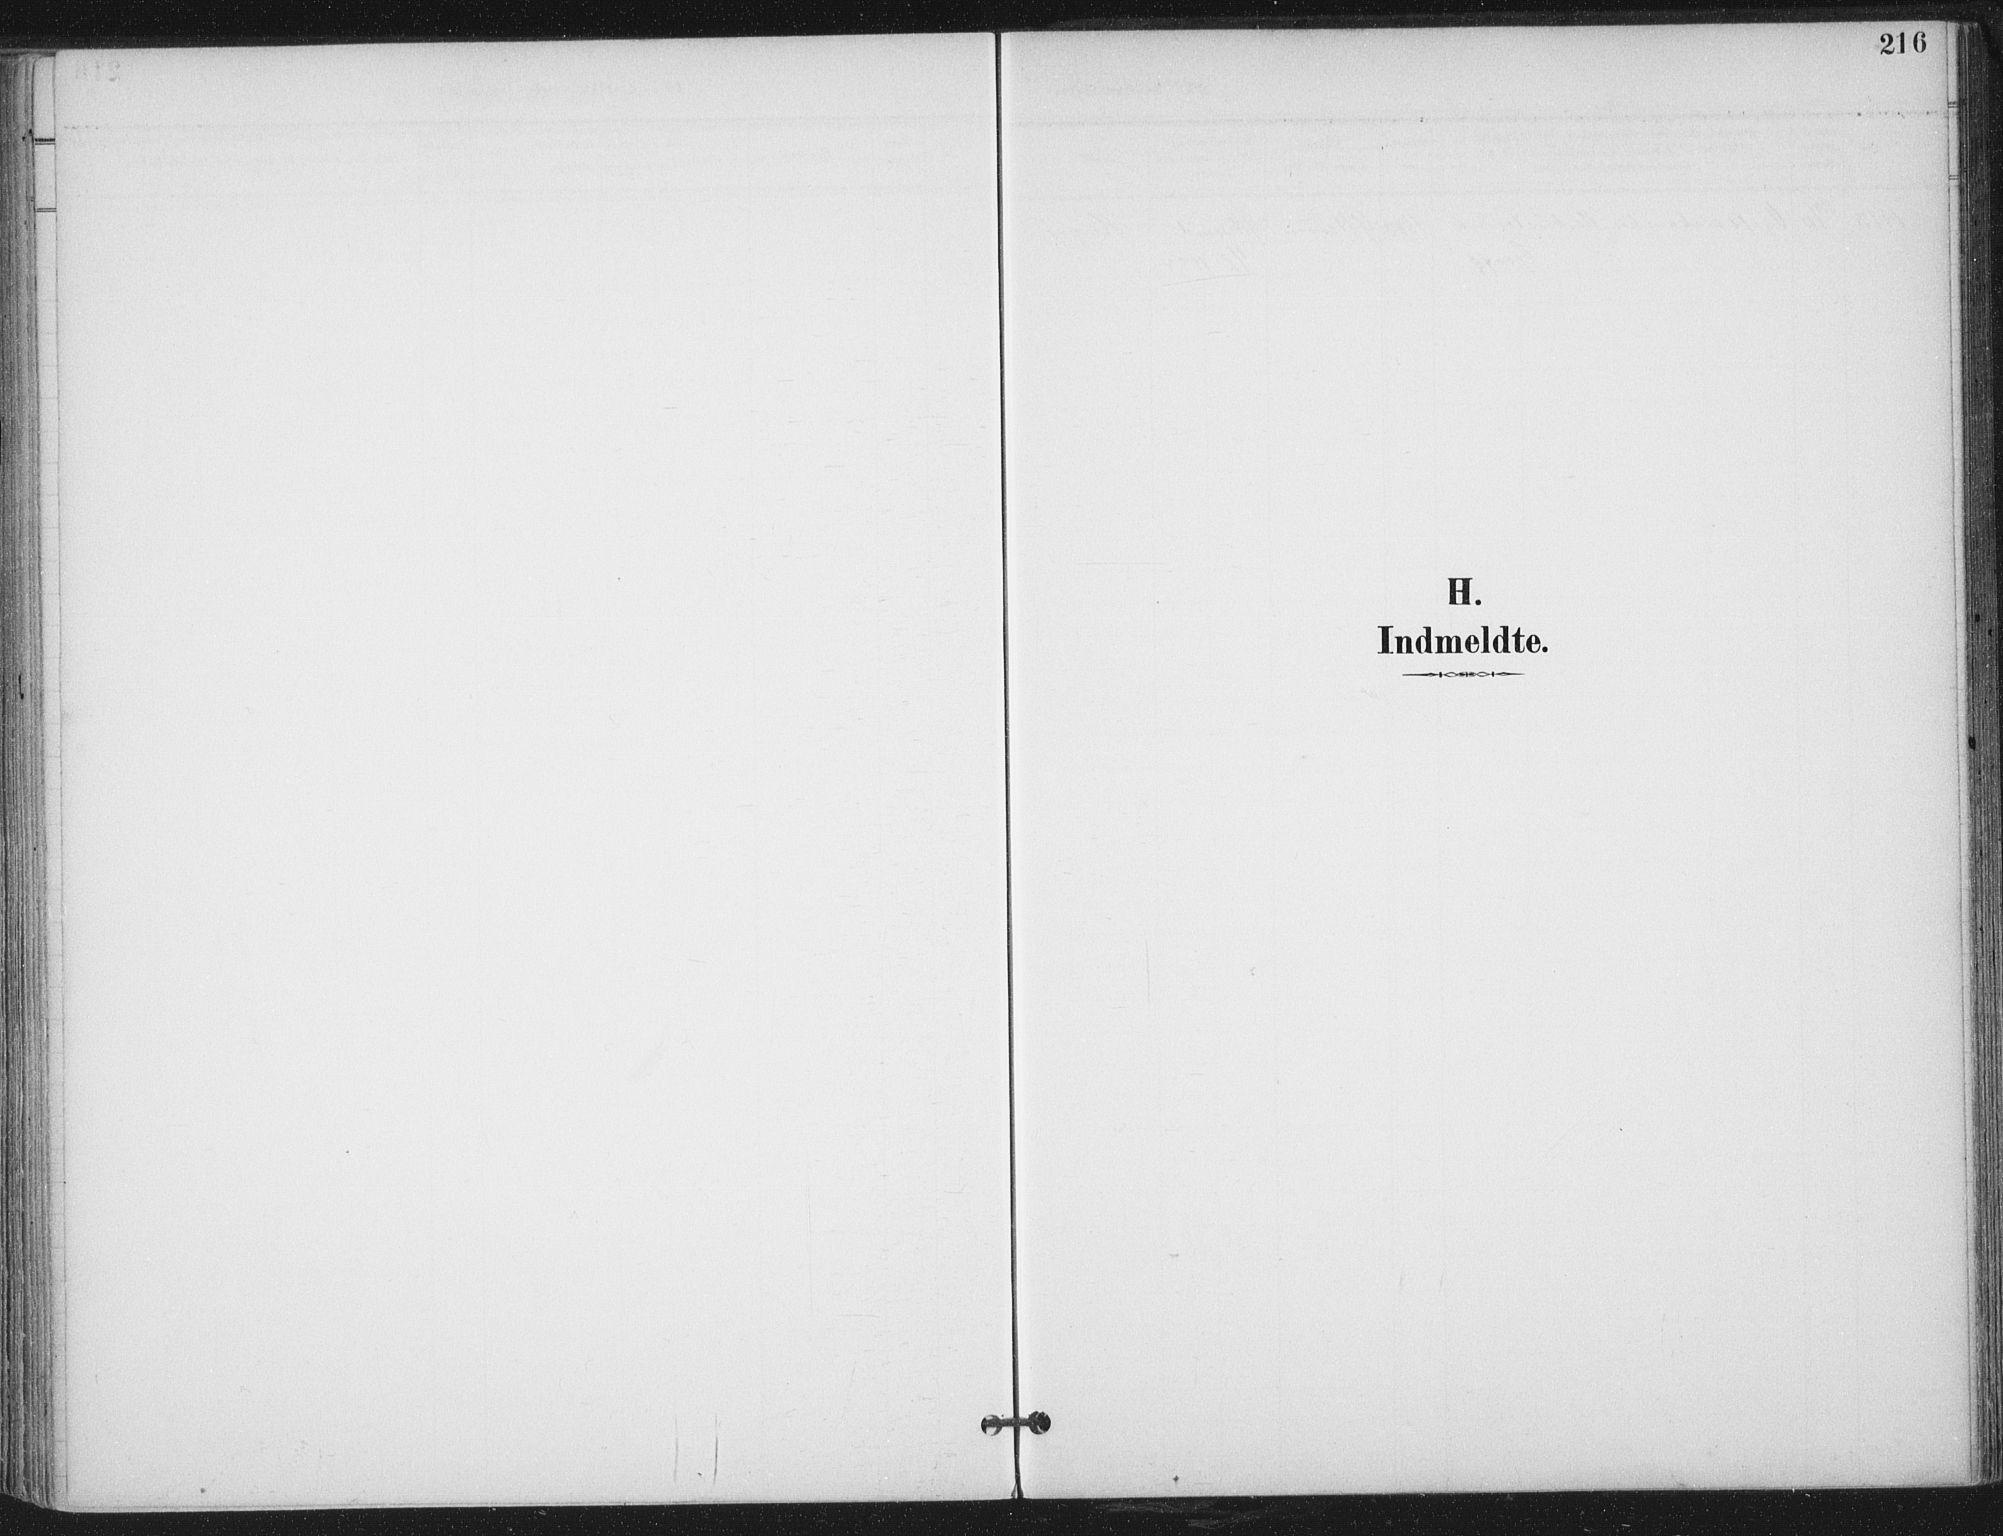 SAT, Ministerialprotokoller, klokkerbøker og fødselsregistre - Nord-Trøndelag, 703/L0031: Ministerialbok nr. 703A04, 1893-1914, s. 216